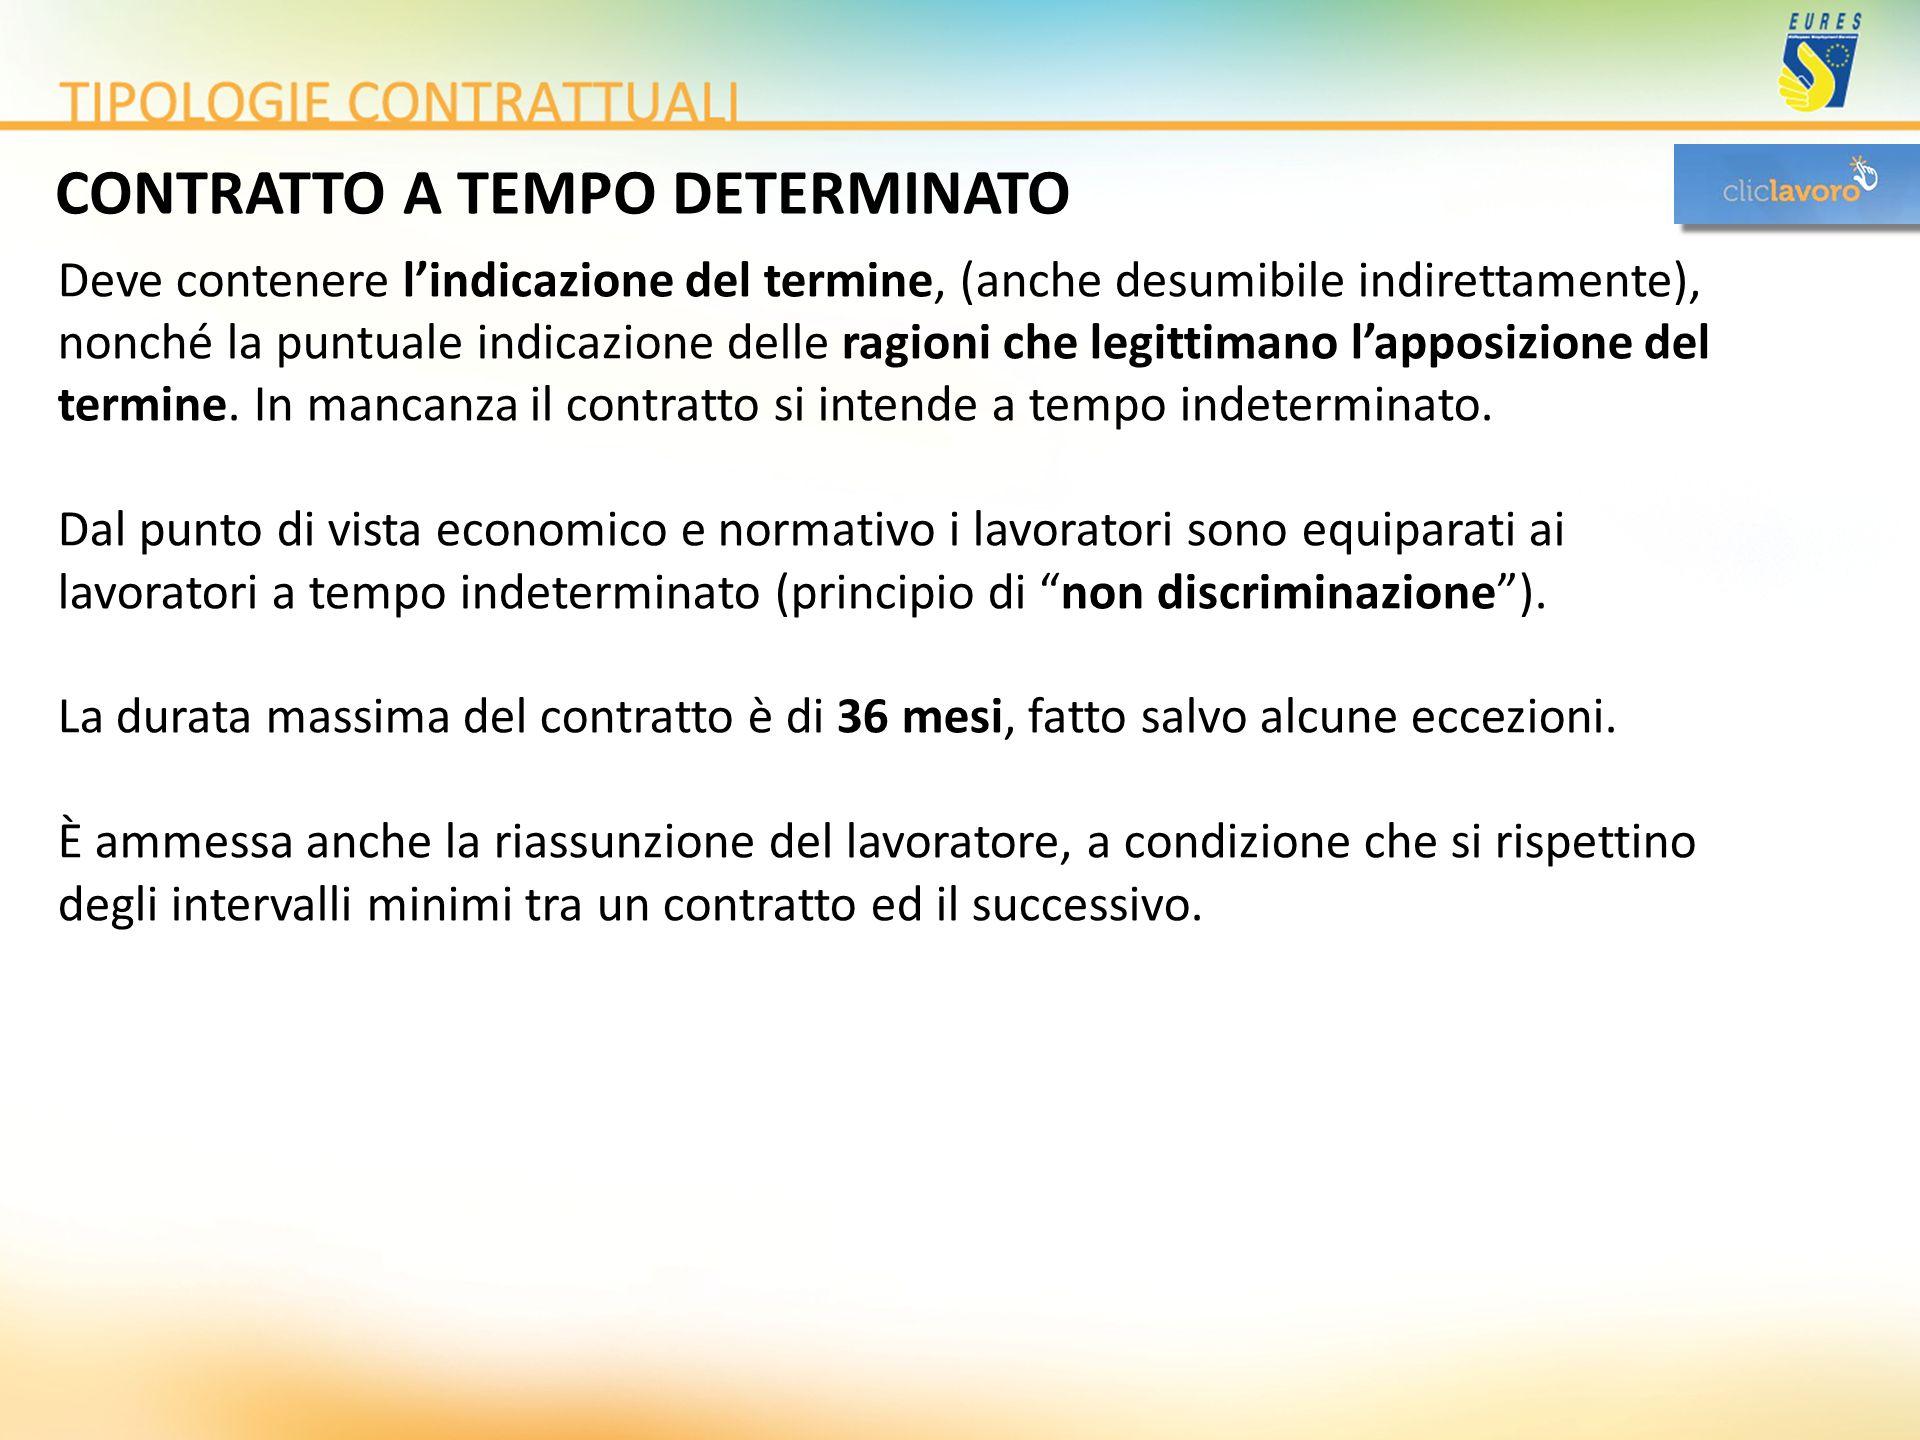 CONTRATTO A TEMPO DETERMINATO